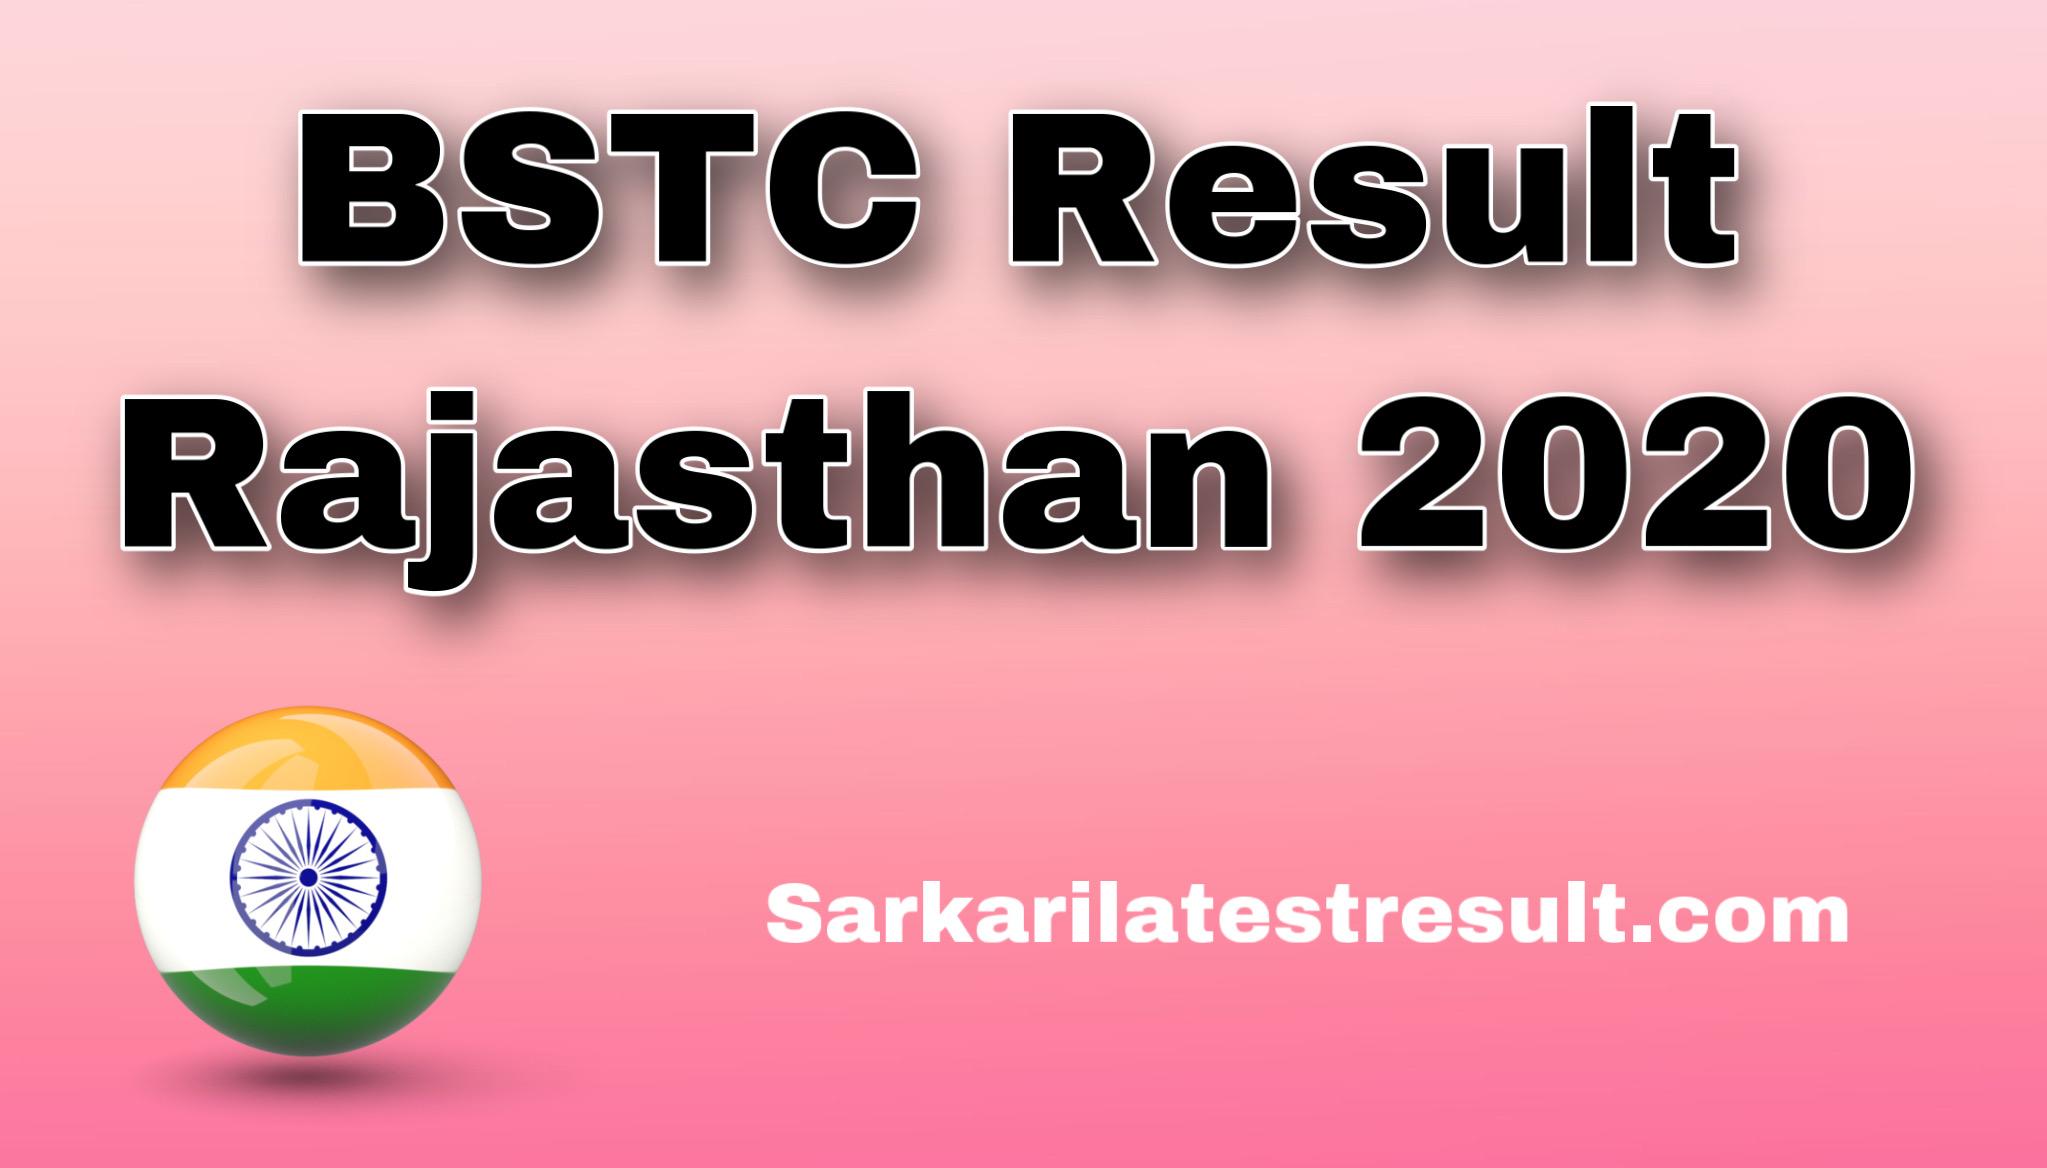 BSTC Result Rajasthan 2020